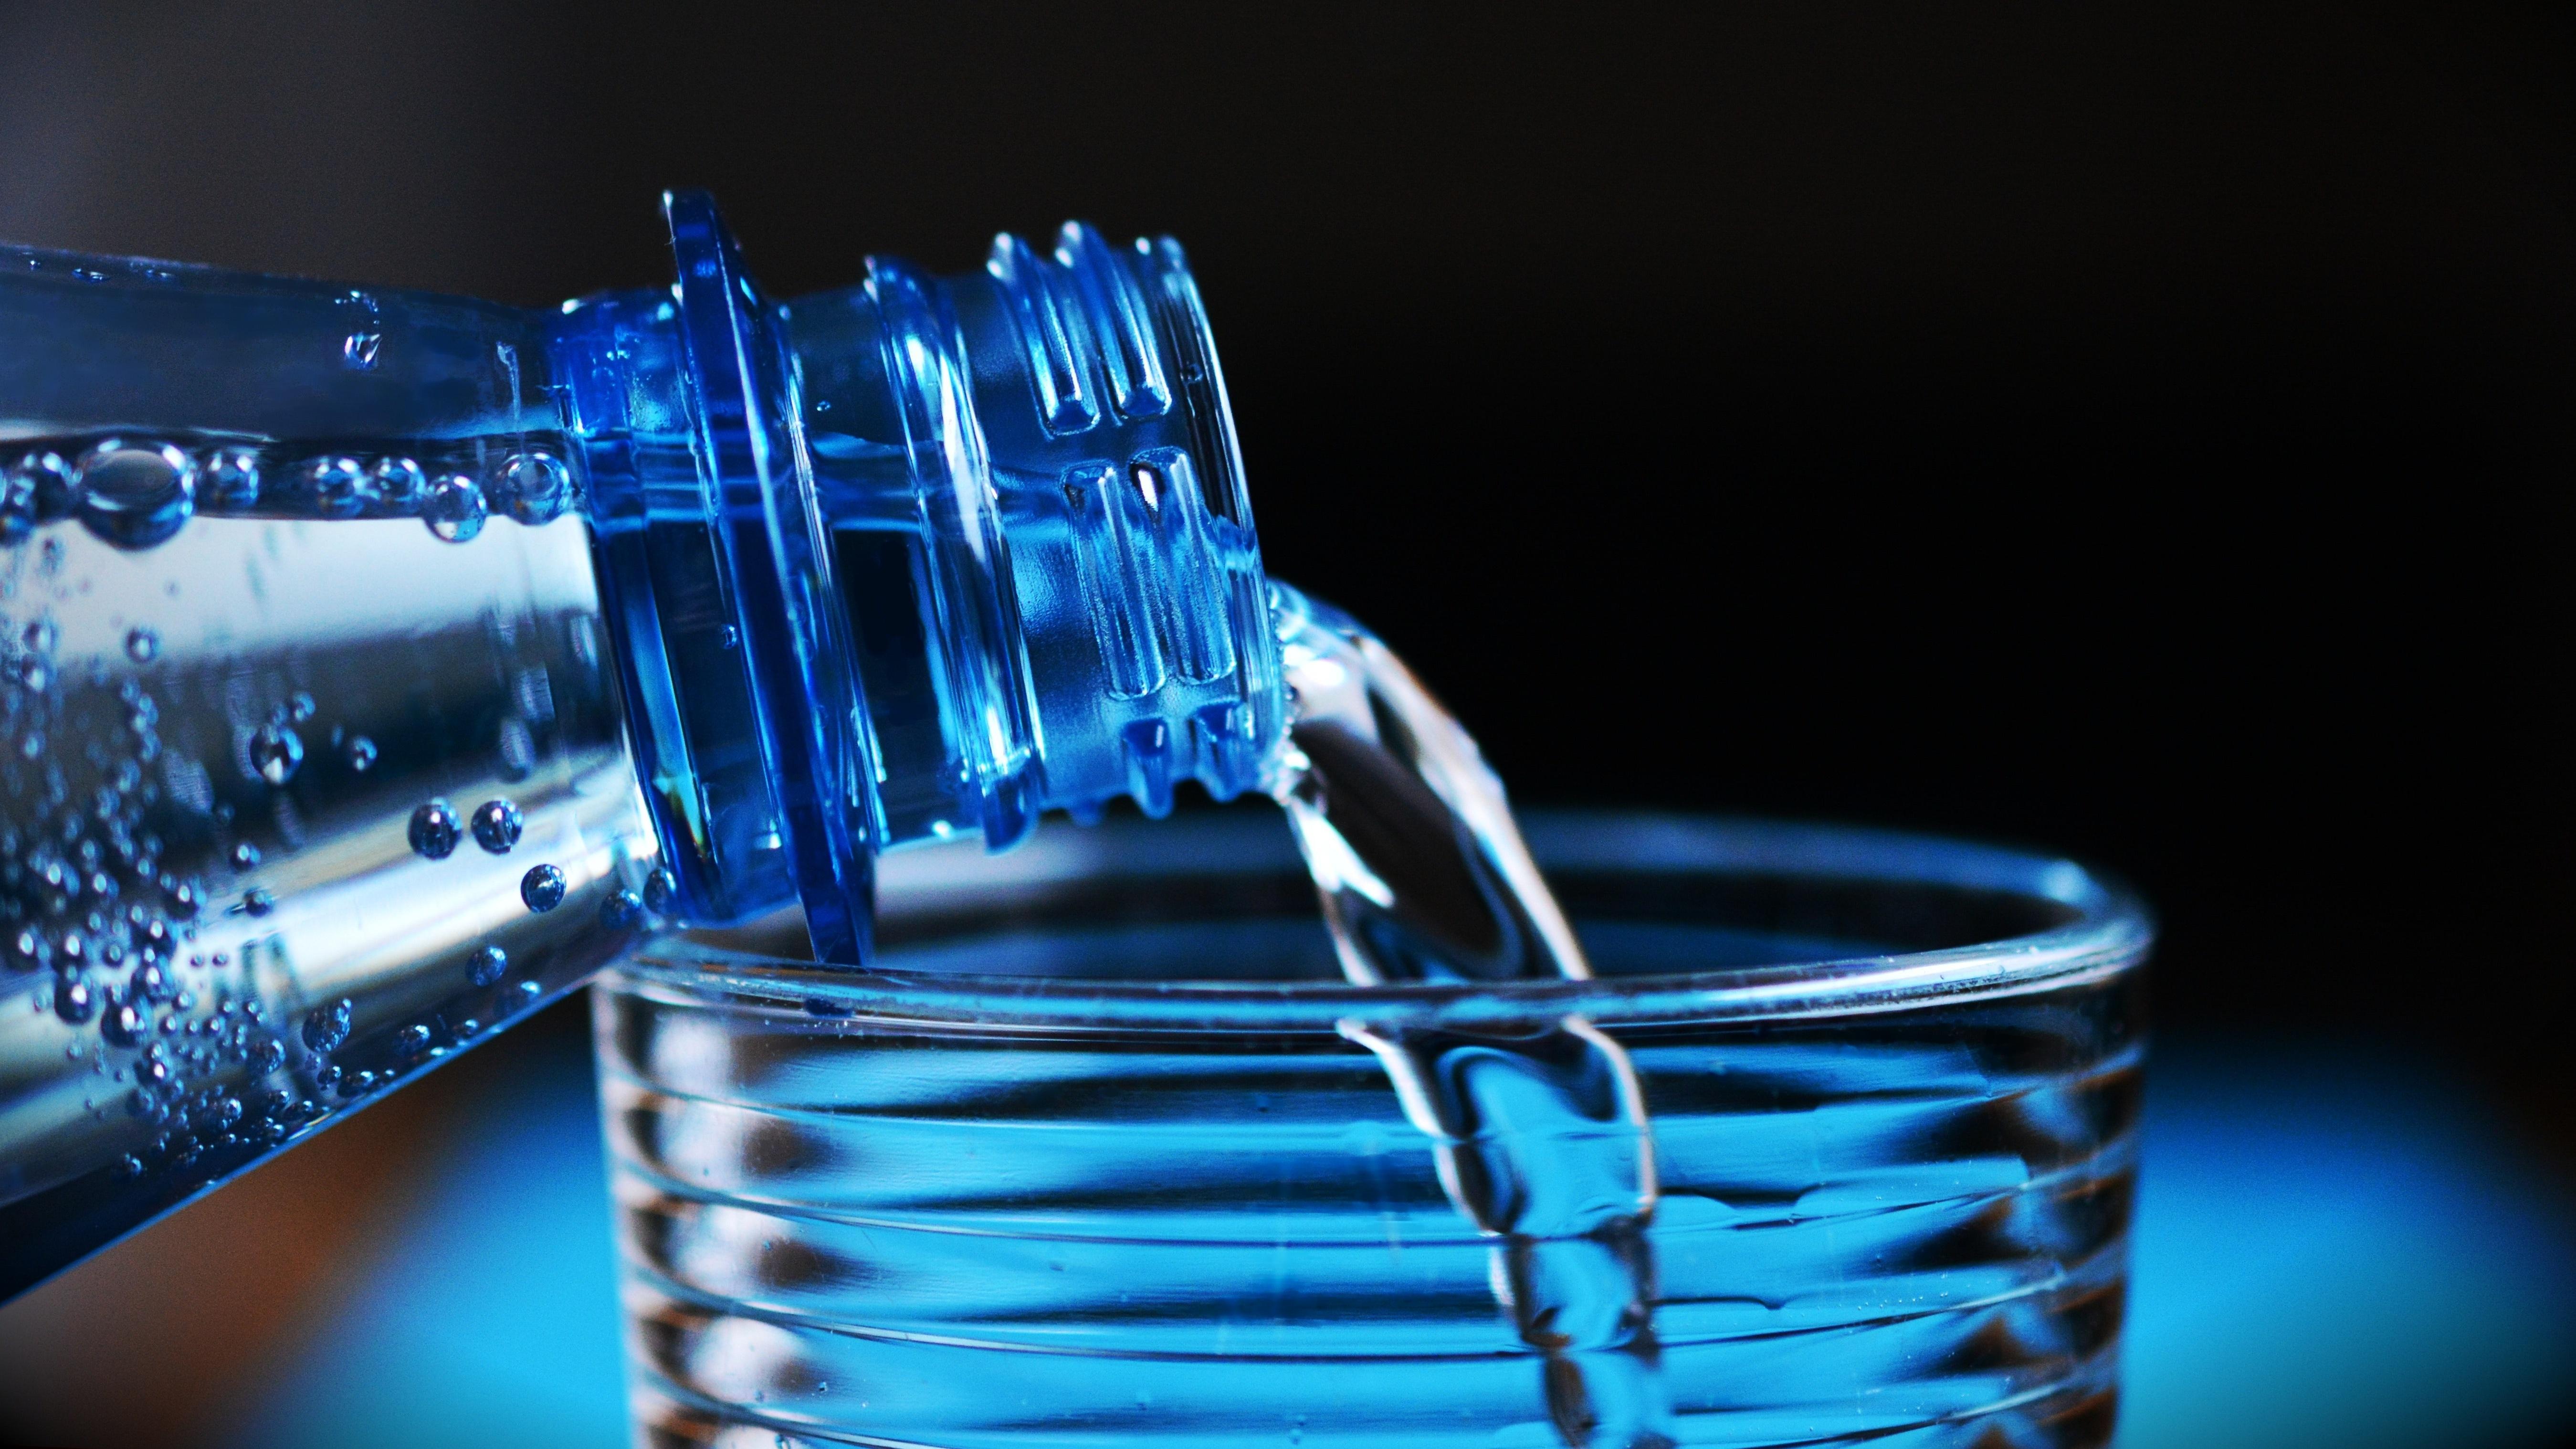 Wir verraten Ihnen, welche Symptome bei einer Dehydration auftreten